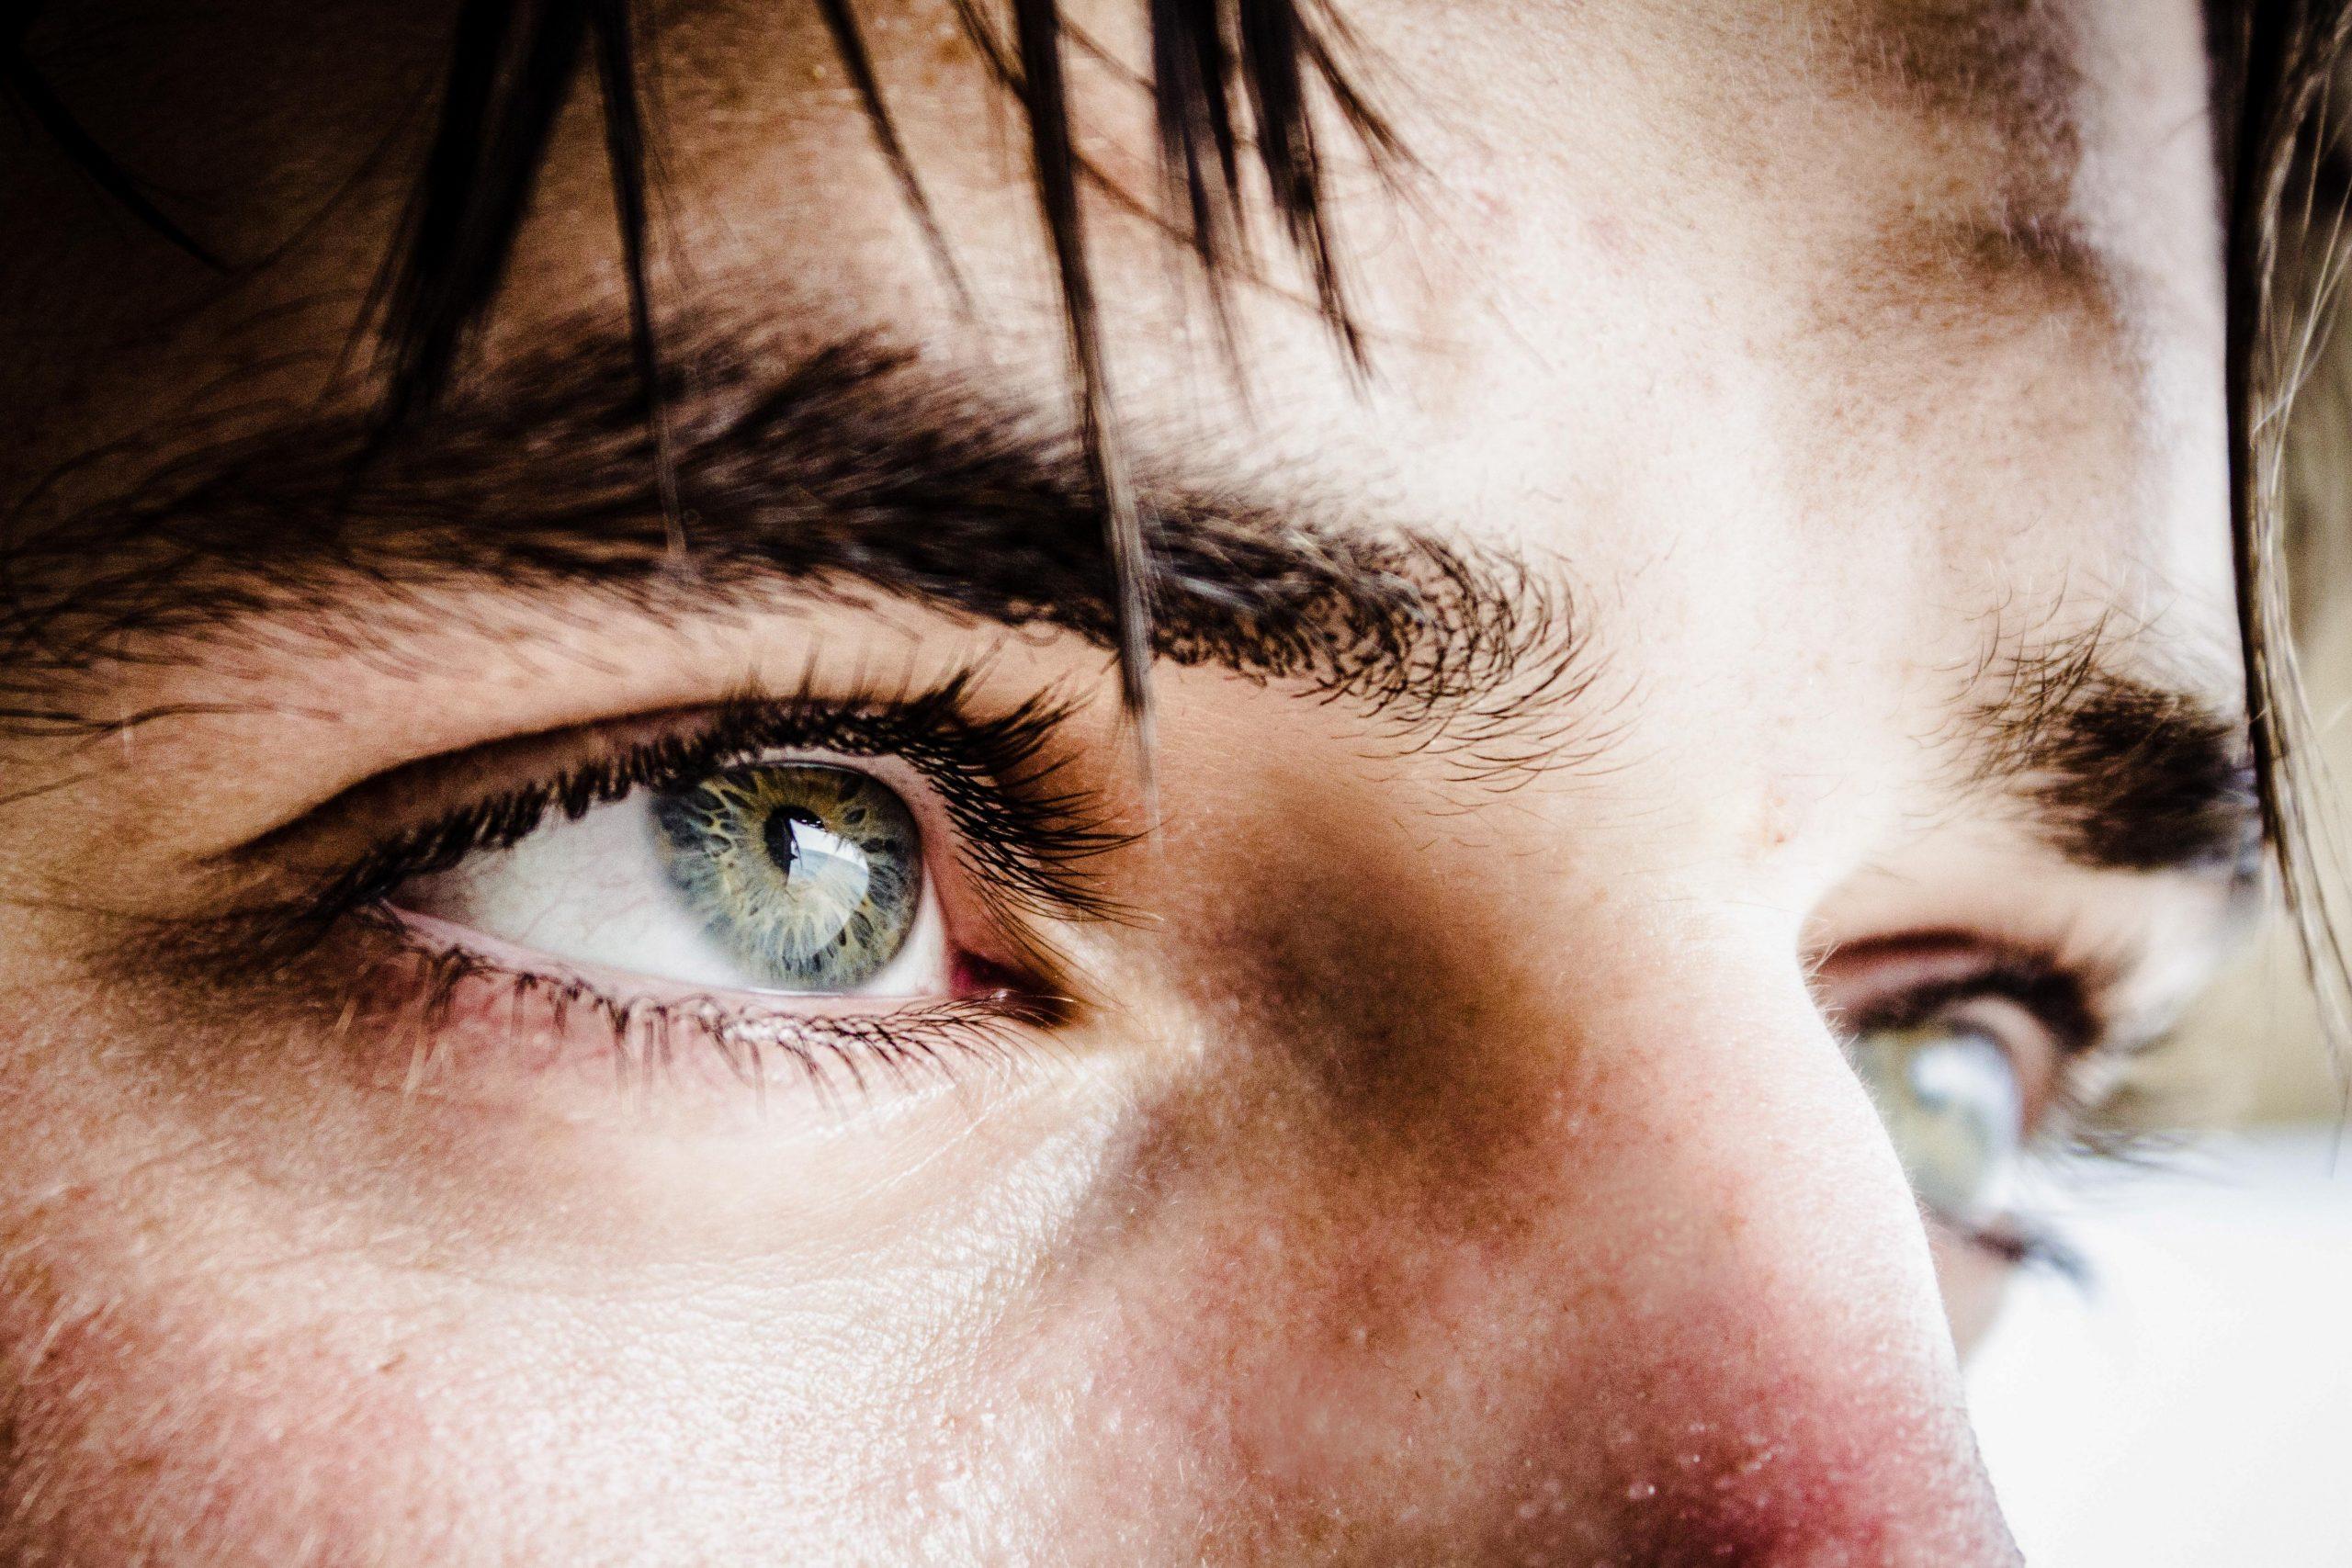 mans eyes